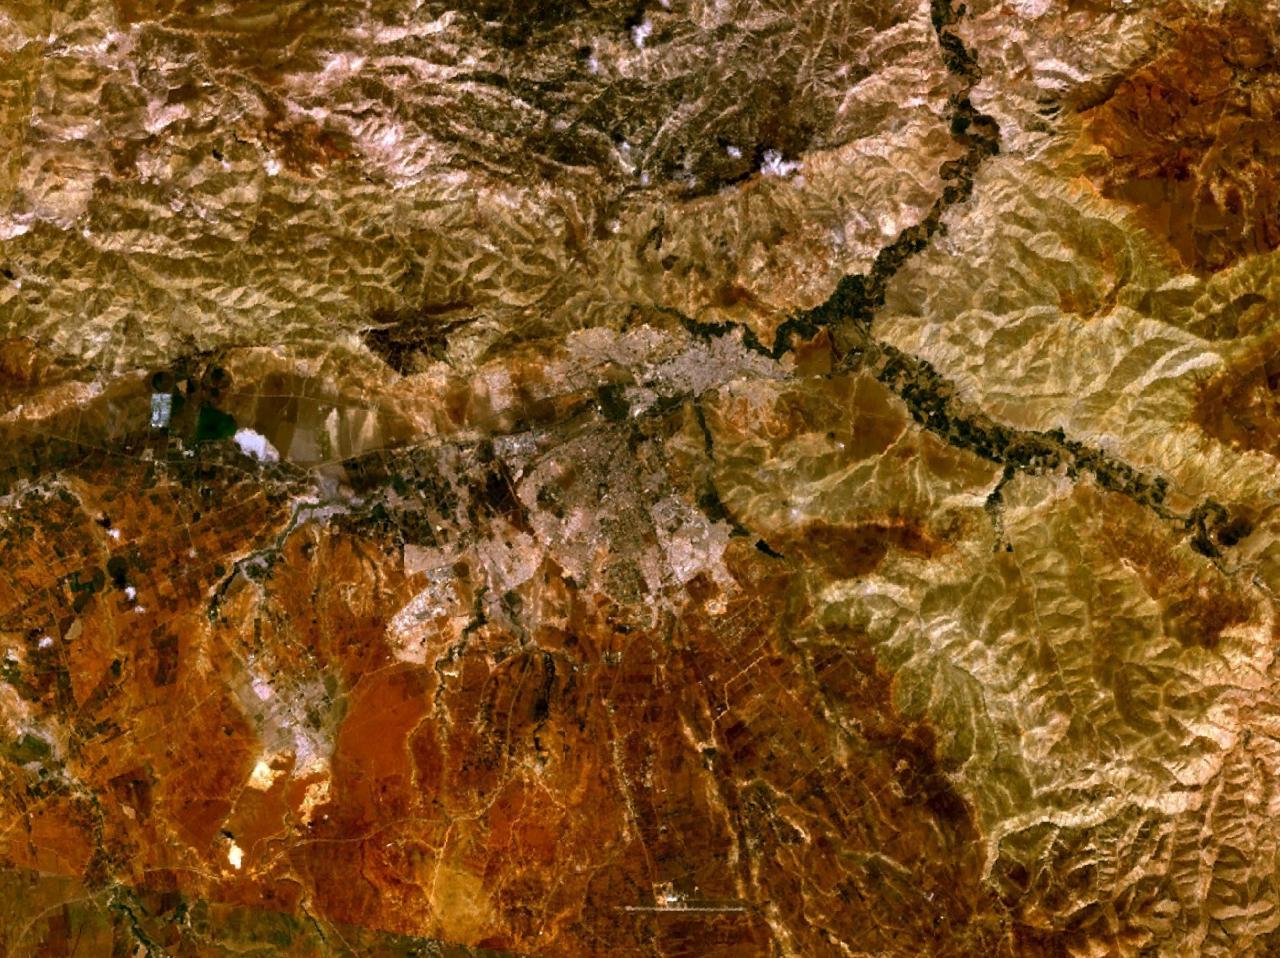 ألبوم صور المغرب (شامل لكل مناطقها Fes_4.99103W_34.03459N.jpg